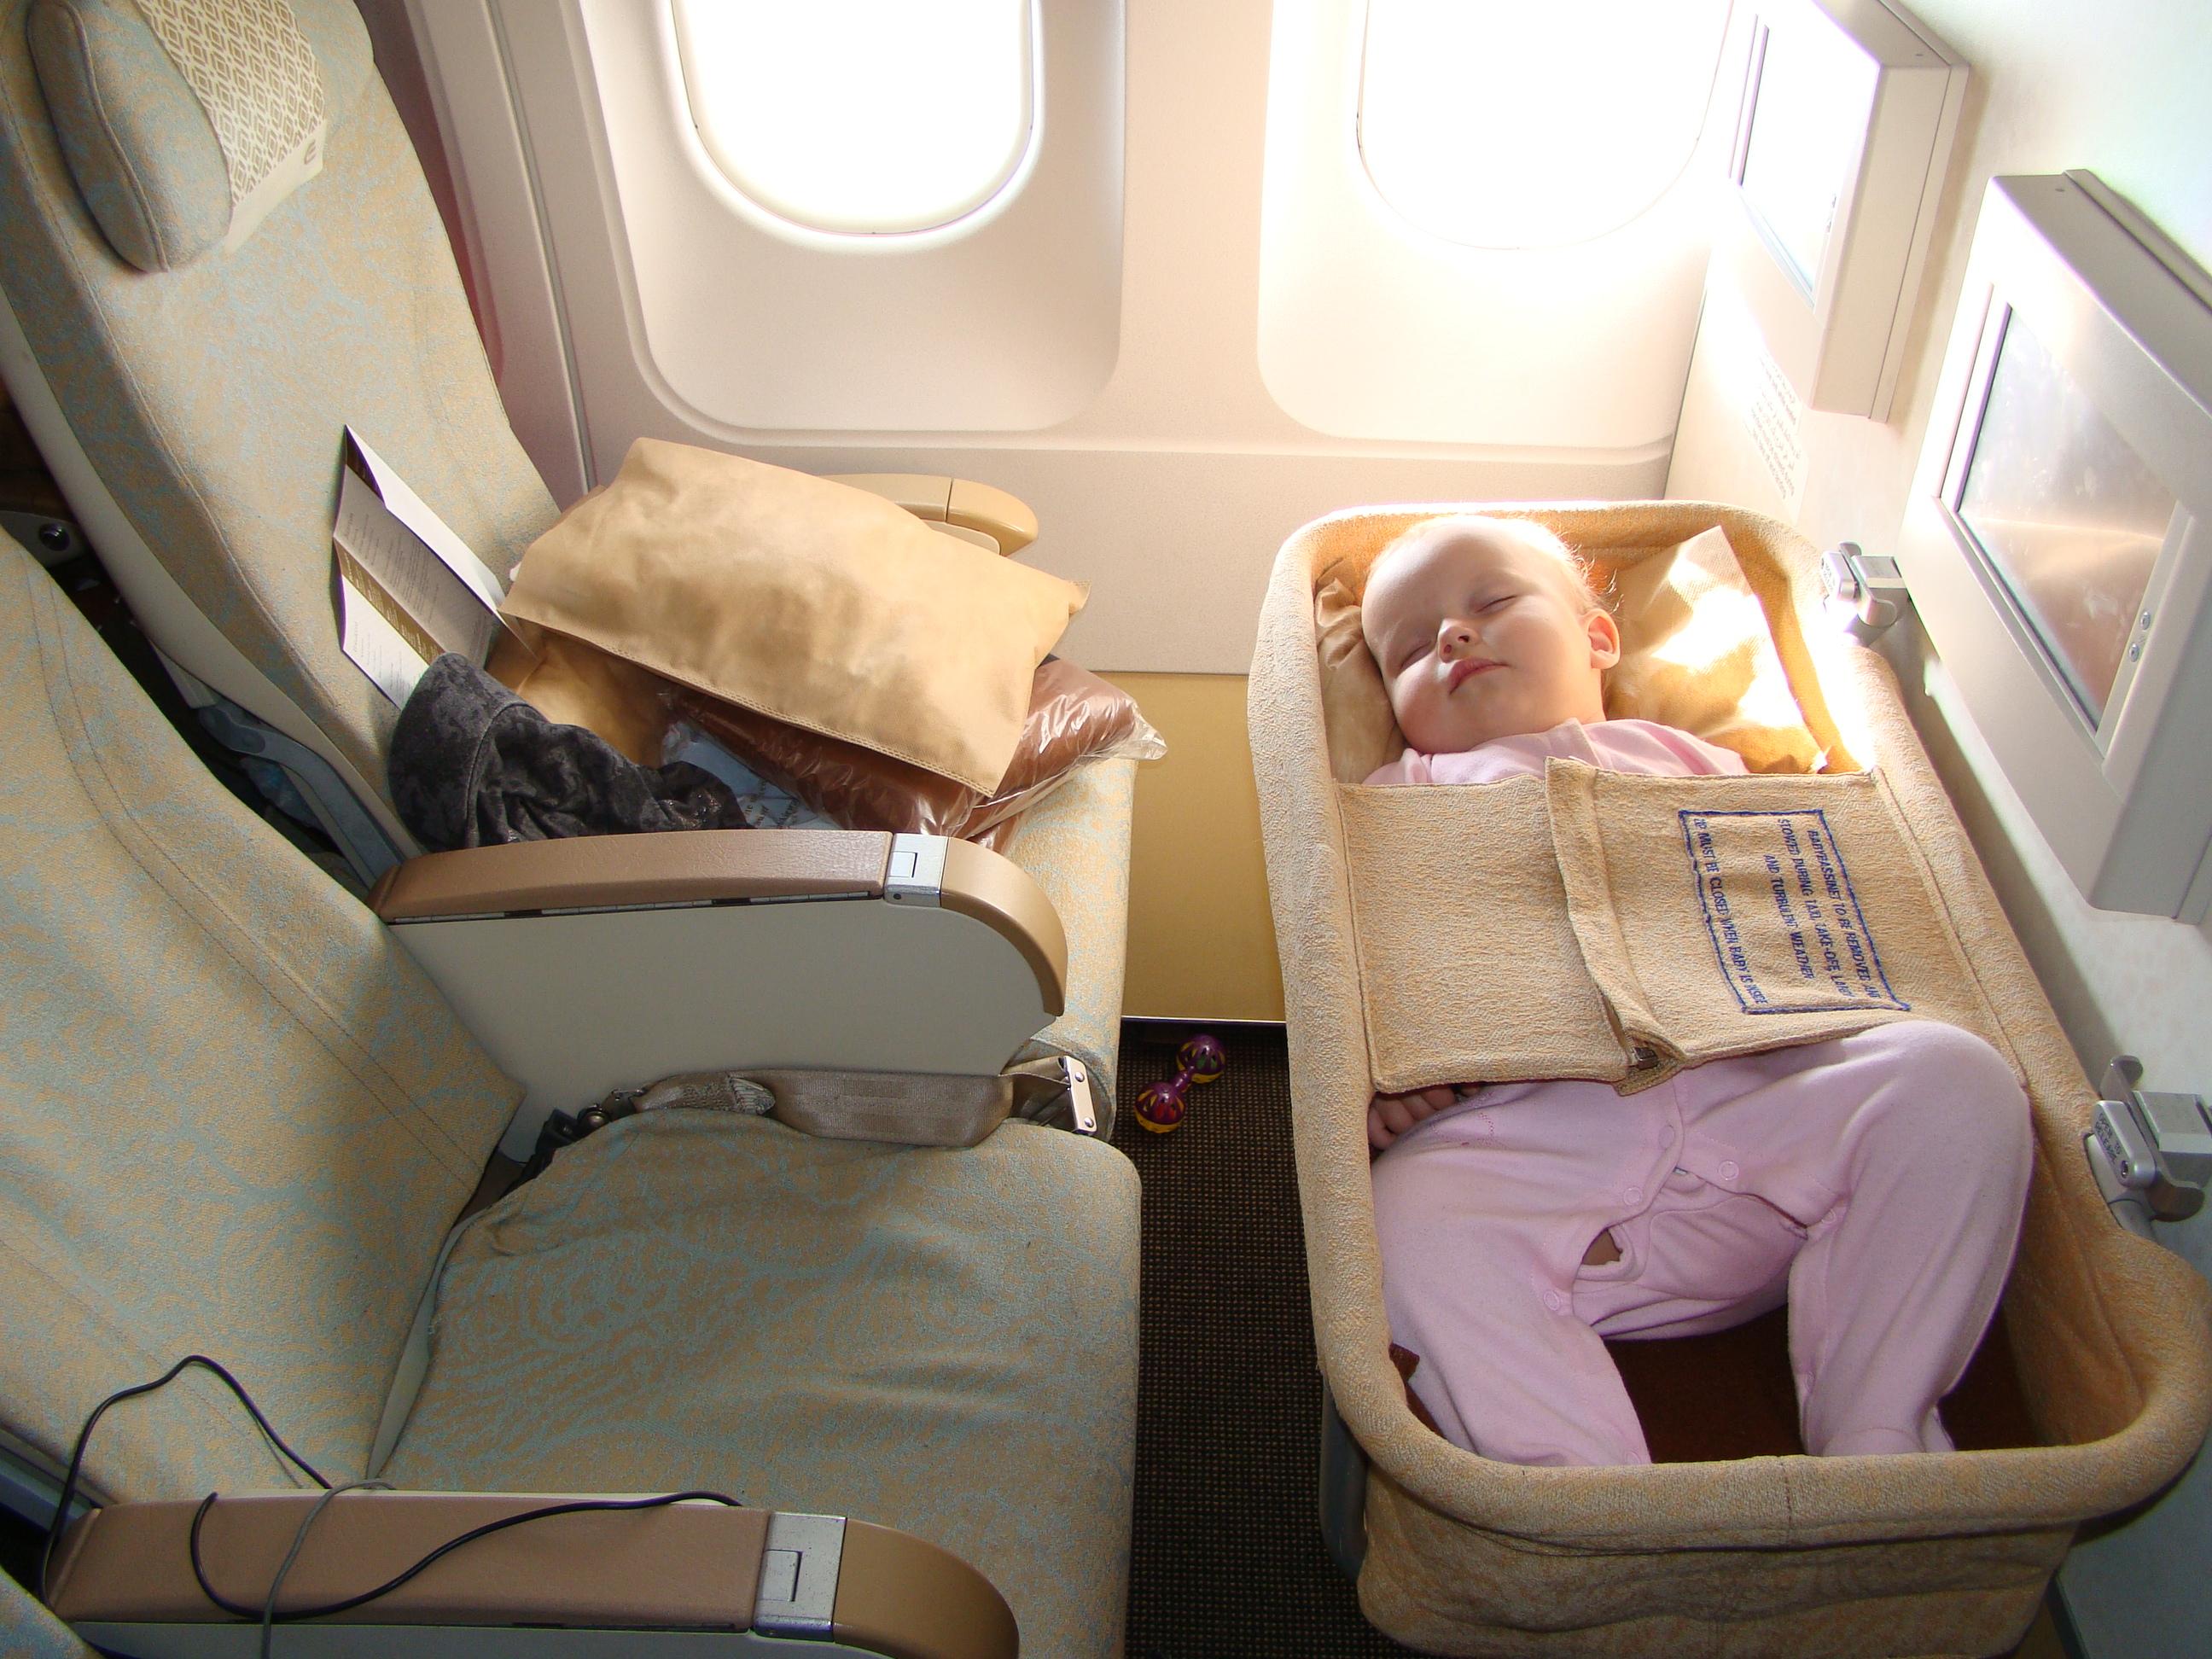 купить билет детям на самолет